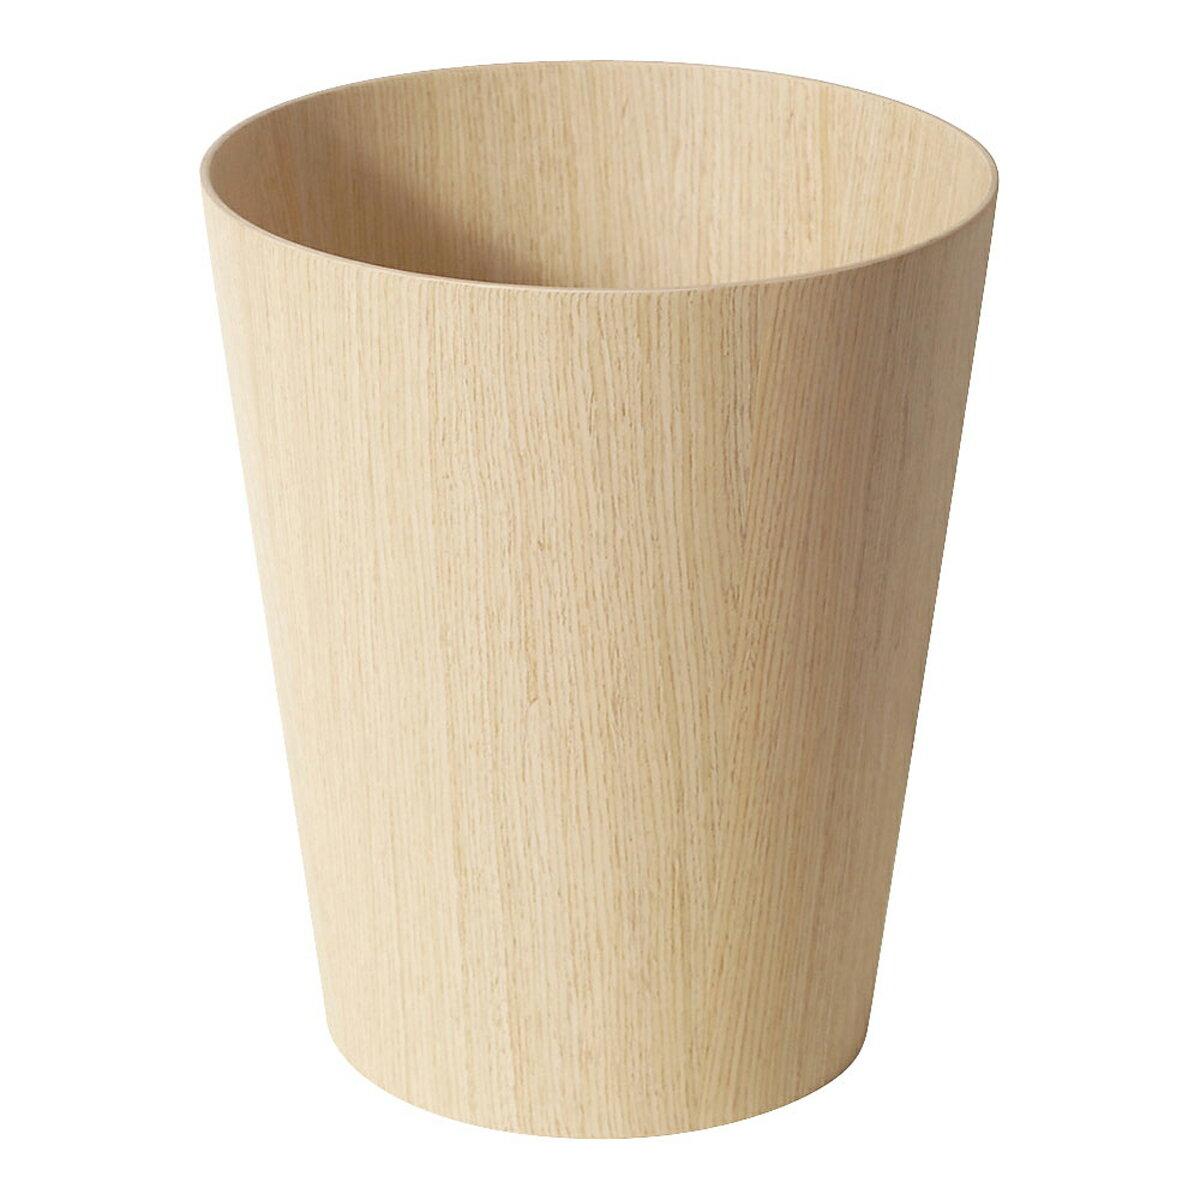 サイトーウッド 木製 ルーム用ごみ入れ ホワイトオーク 903H VGM2502の写真